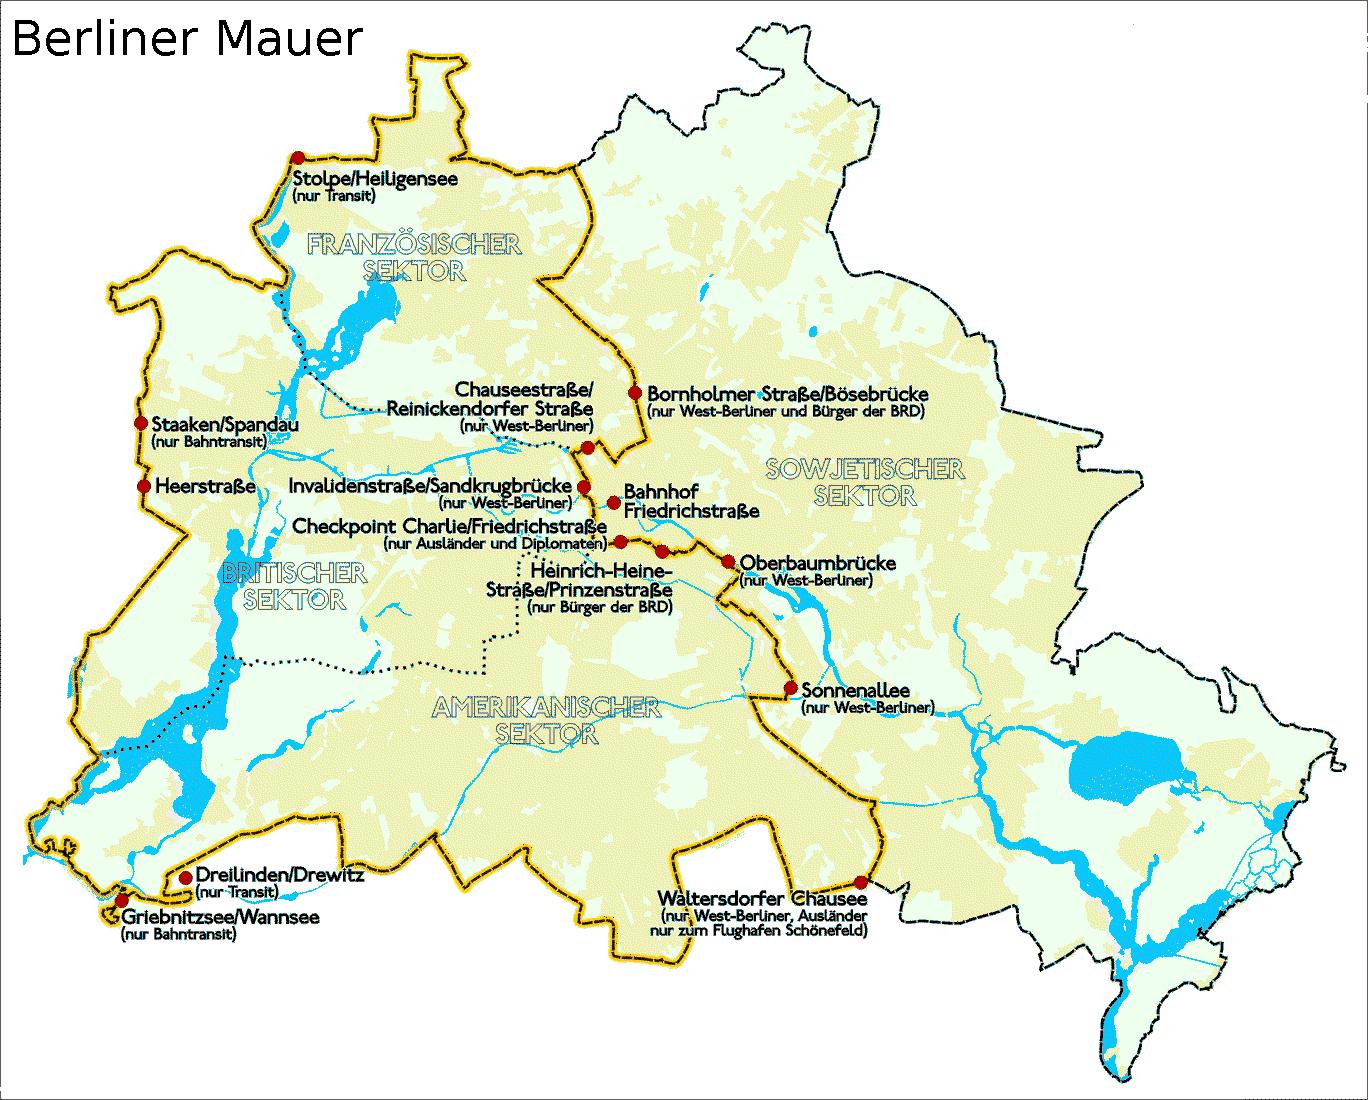 Verlauf Der West Berliner Gelb Und Ost Berliner Schwarz Stadtgrenzen Und Grenzubergangsstellen Stand 1989 Berliner Mauer Karte Deutschland Mauer